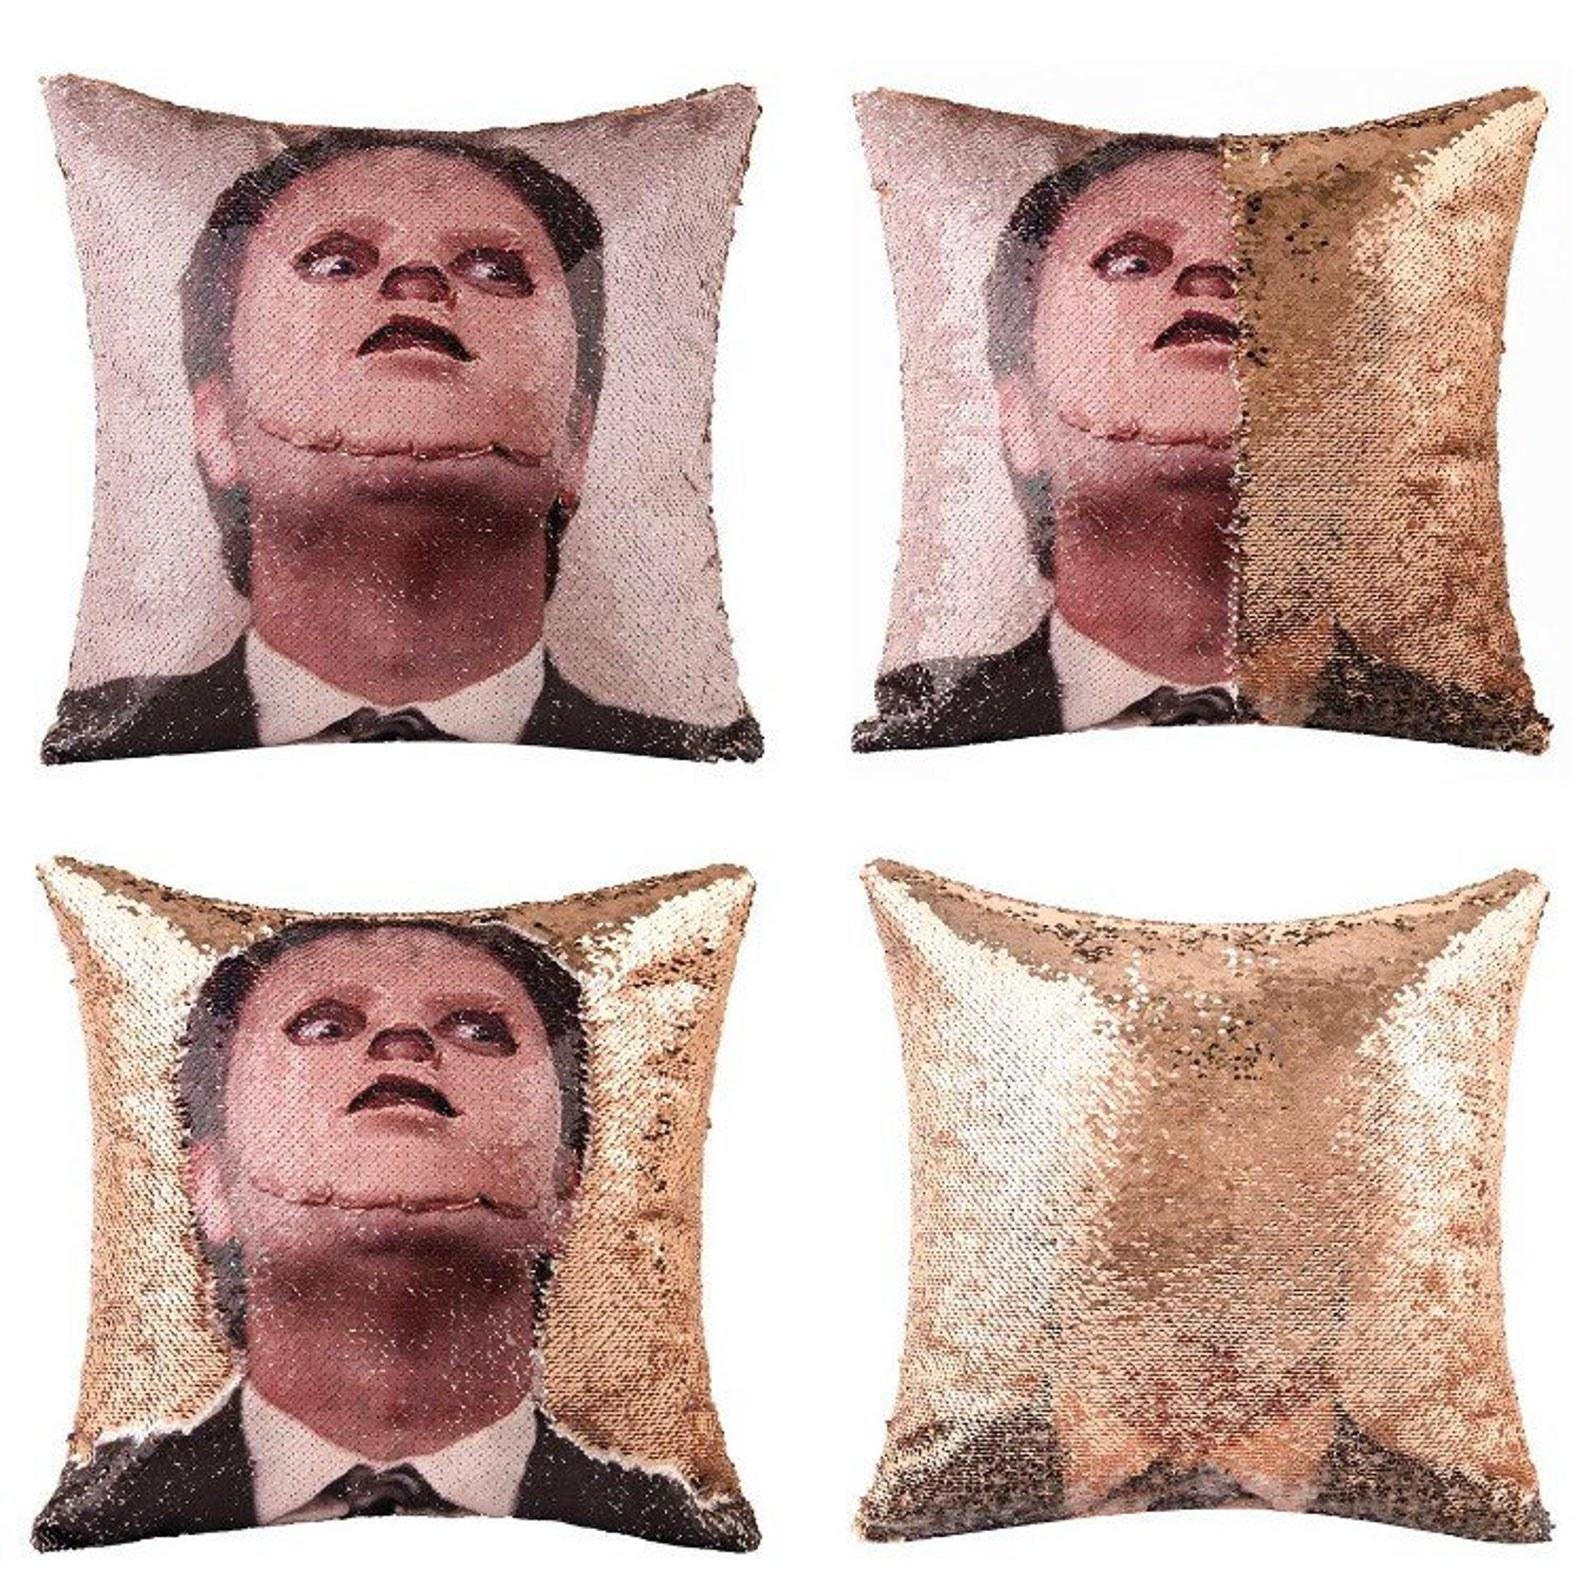 dwight sequin pillow